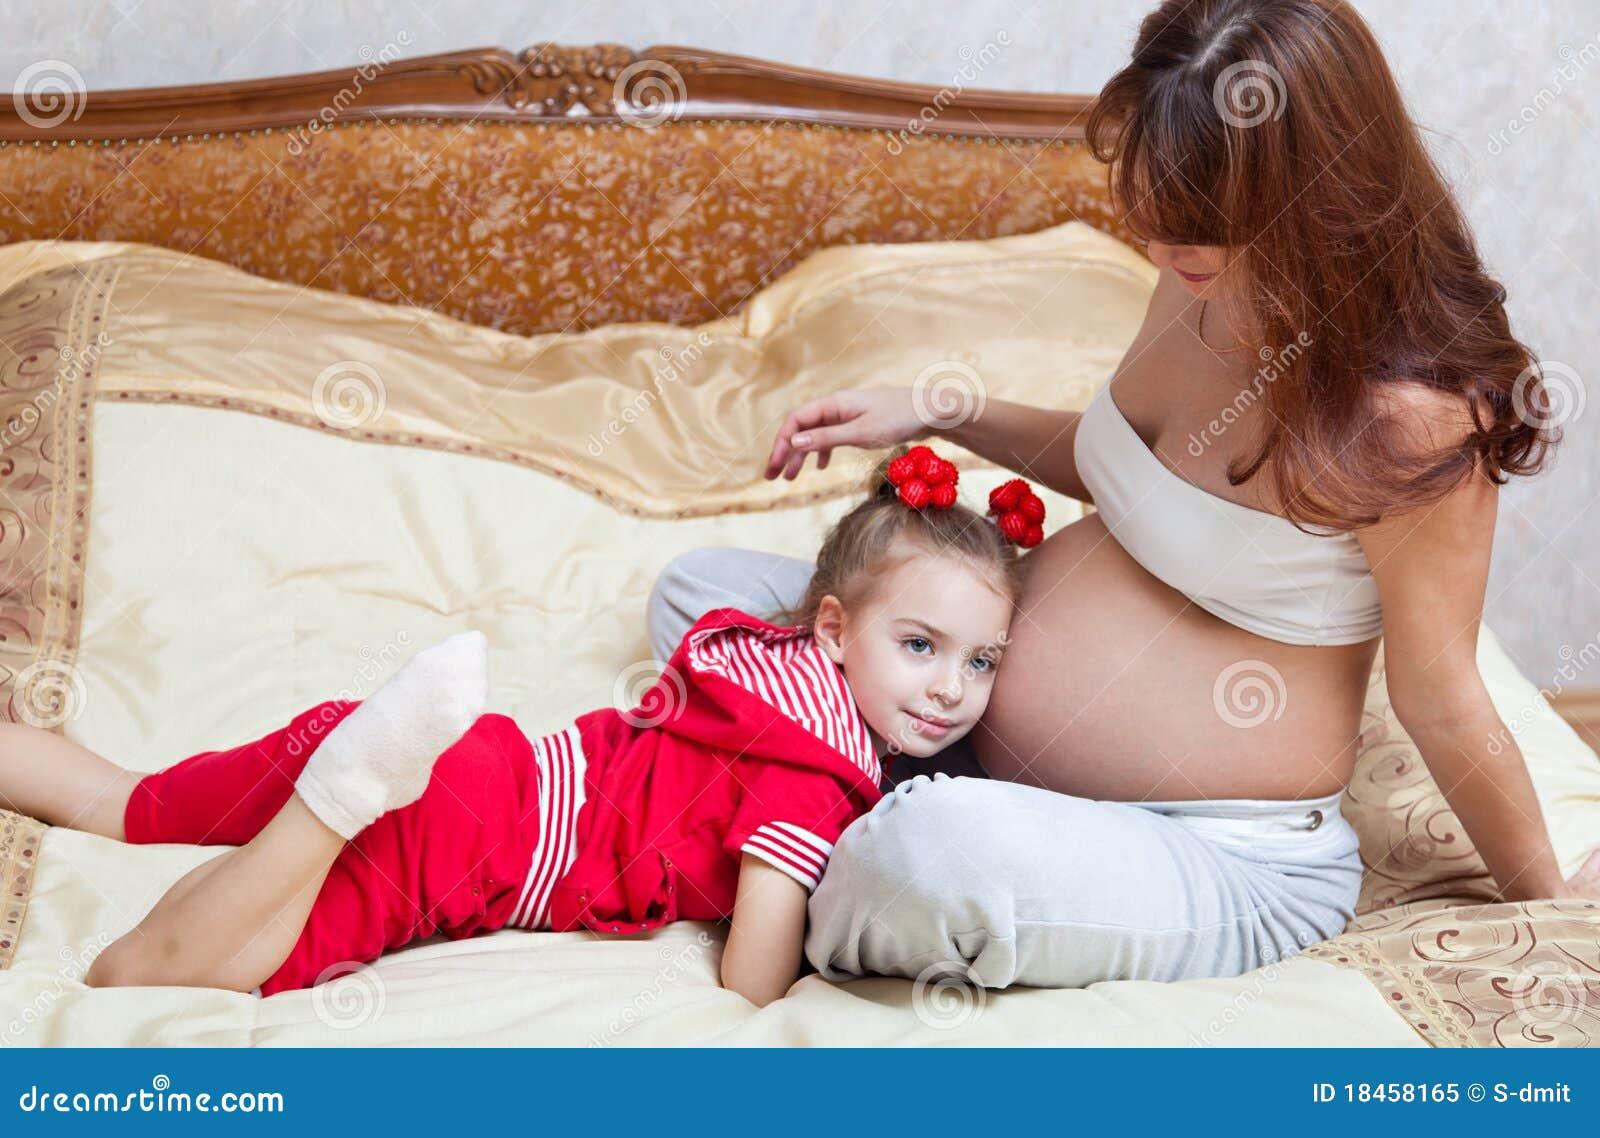 Смотреть беременные девочки в порно 19 фотография